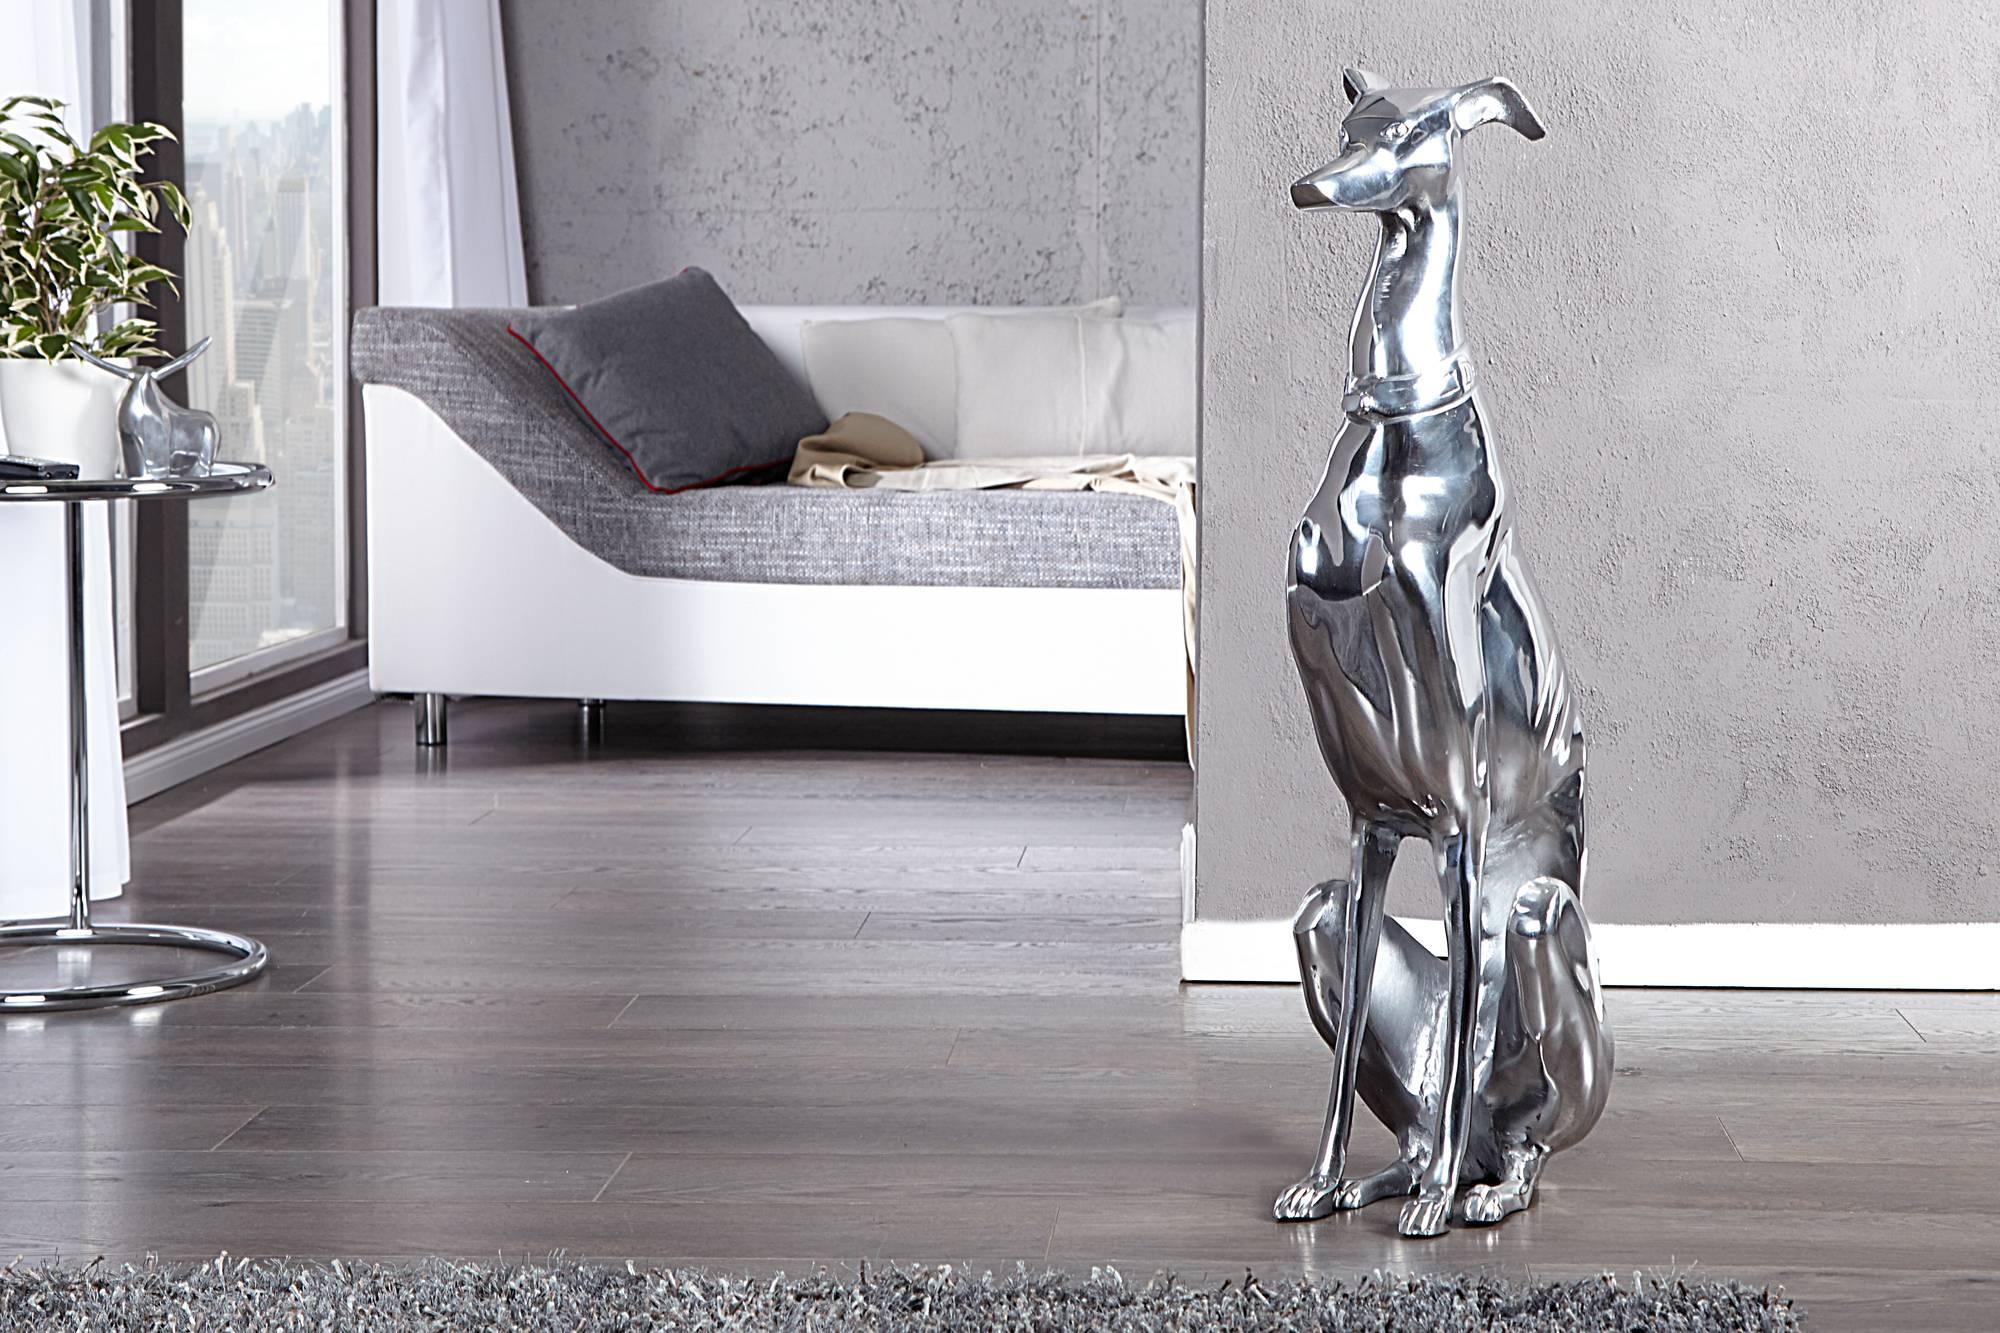 Dekorácia Calli je dizajnovým a elegantným doplnkom v každej domácnosti. Je v tvare anglického chrta, nie je však určená len pre majiteľov psov. Každý kus je vyrobený z vysoko kvalitného hliníka, ktorý sa ľahko čistí.